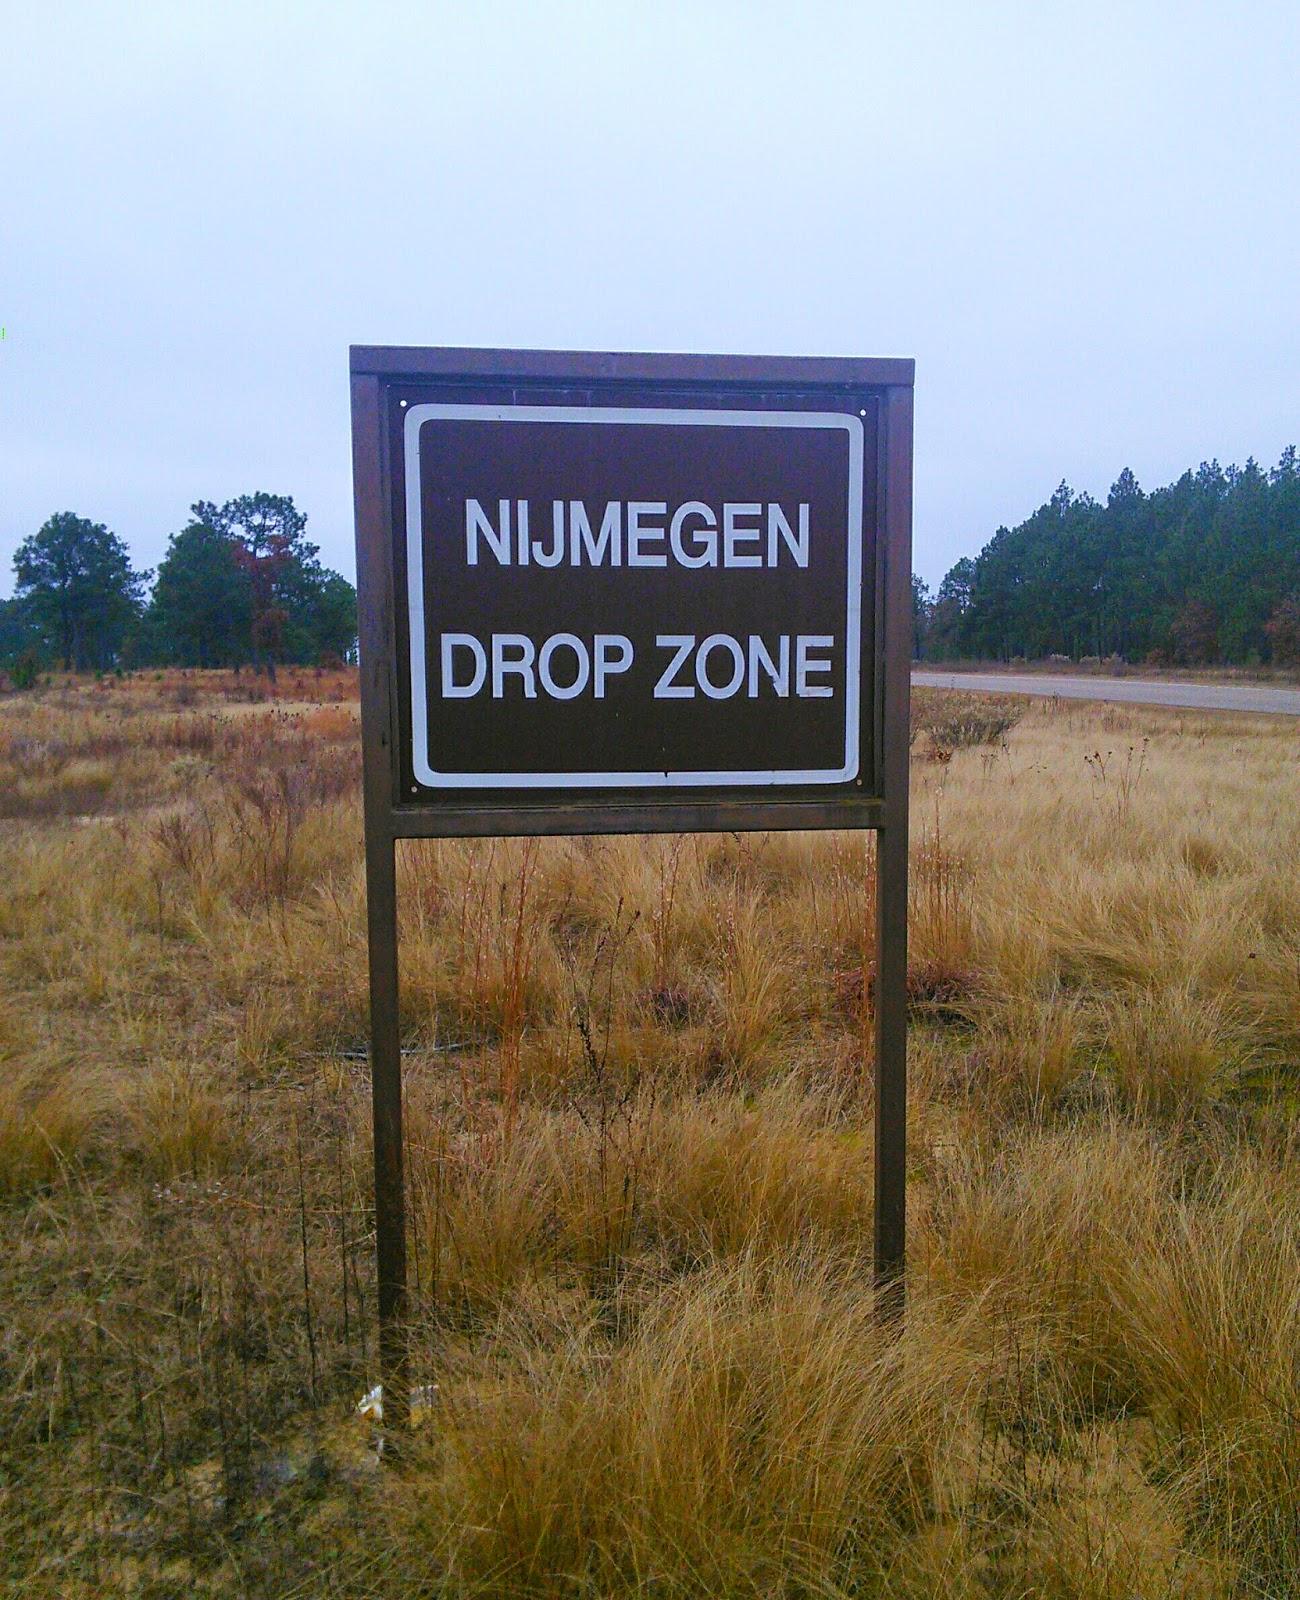 Nijmegen Drop Zone